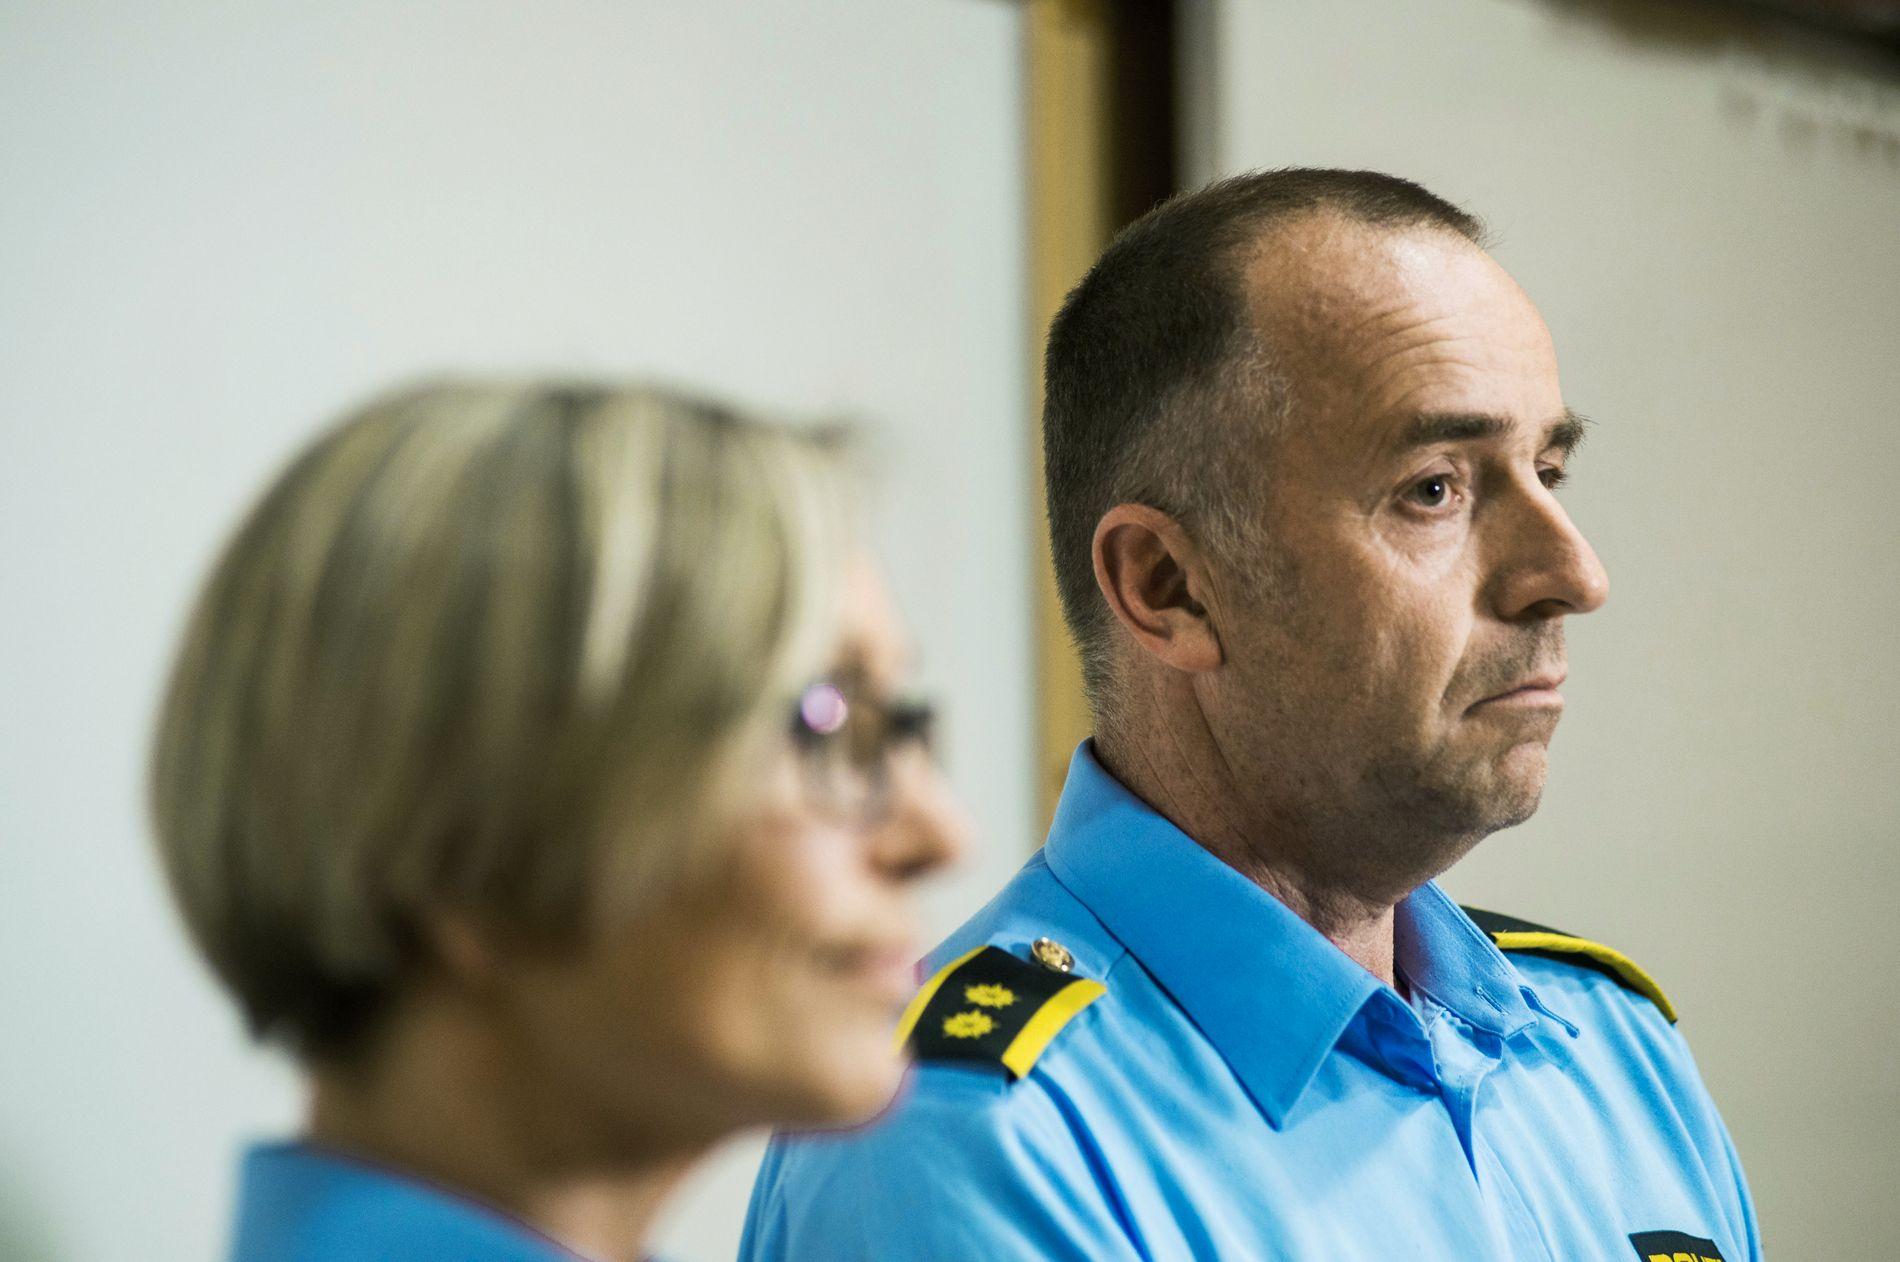 NY INFORMASJON: Sperringene i sentrum av Varhaug ble gjort basert på informasjon som har dukket opp i løpet de siste to dagene, opplyser etterforskningsleder Bjørn Kåre Dahl.